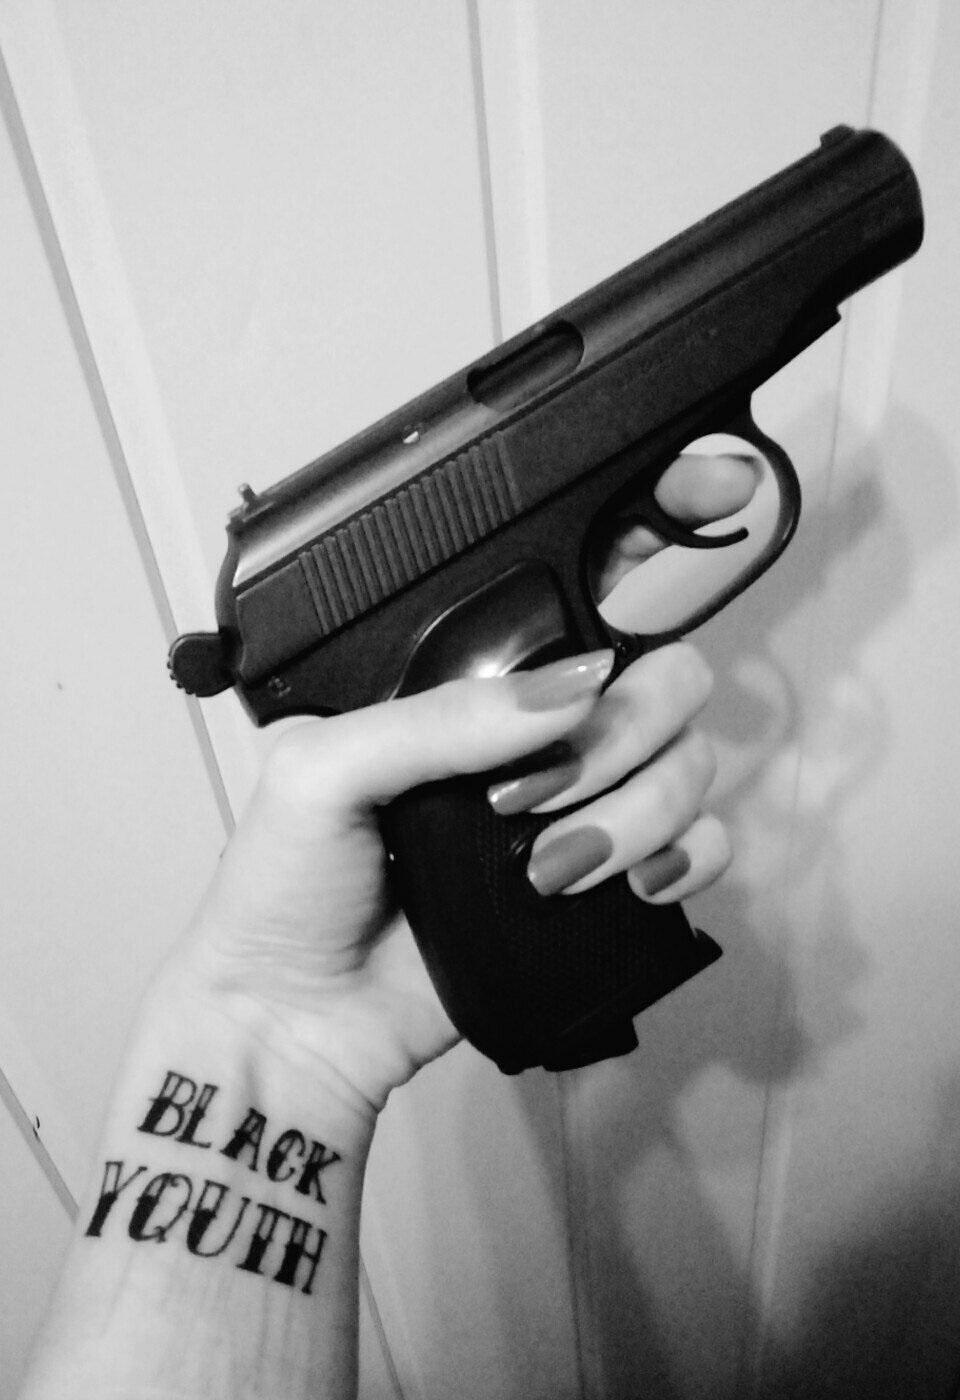 Девушка с пистолетом фото на аву001